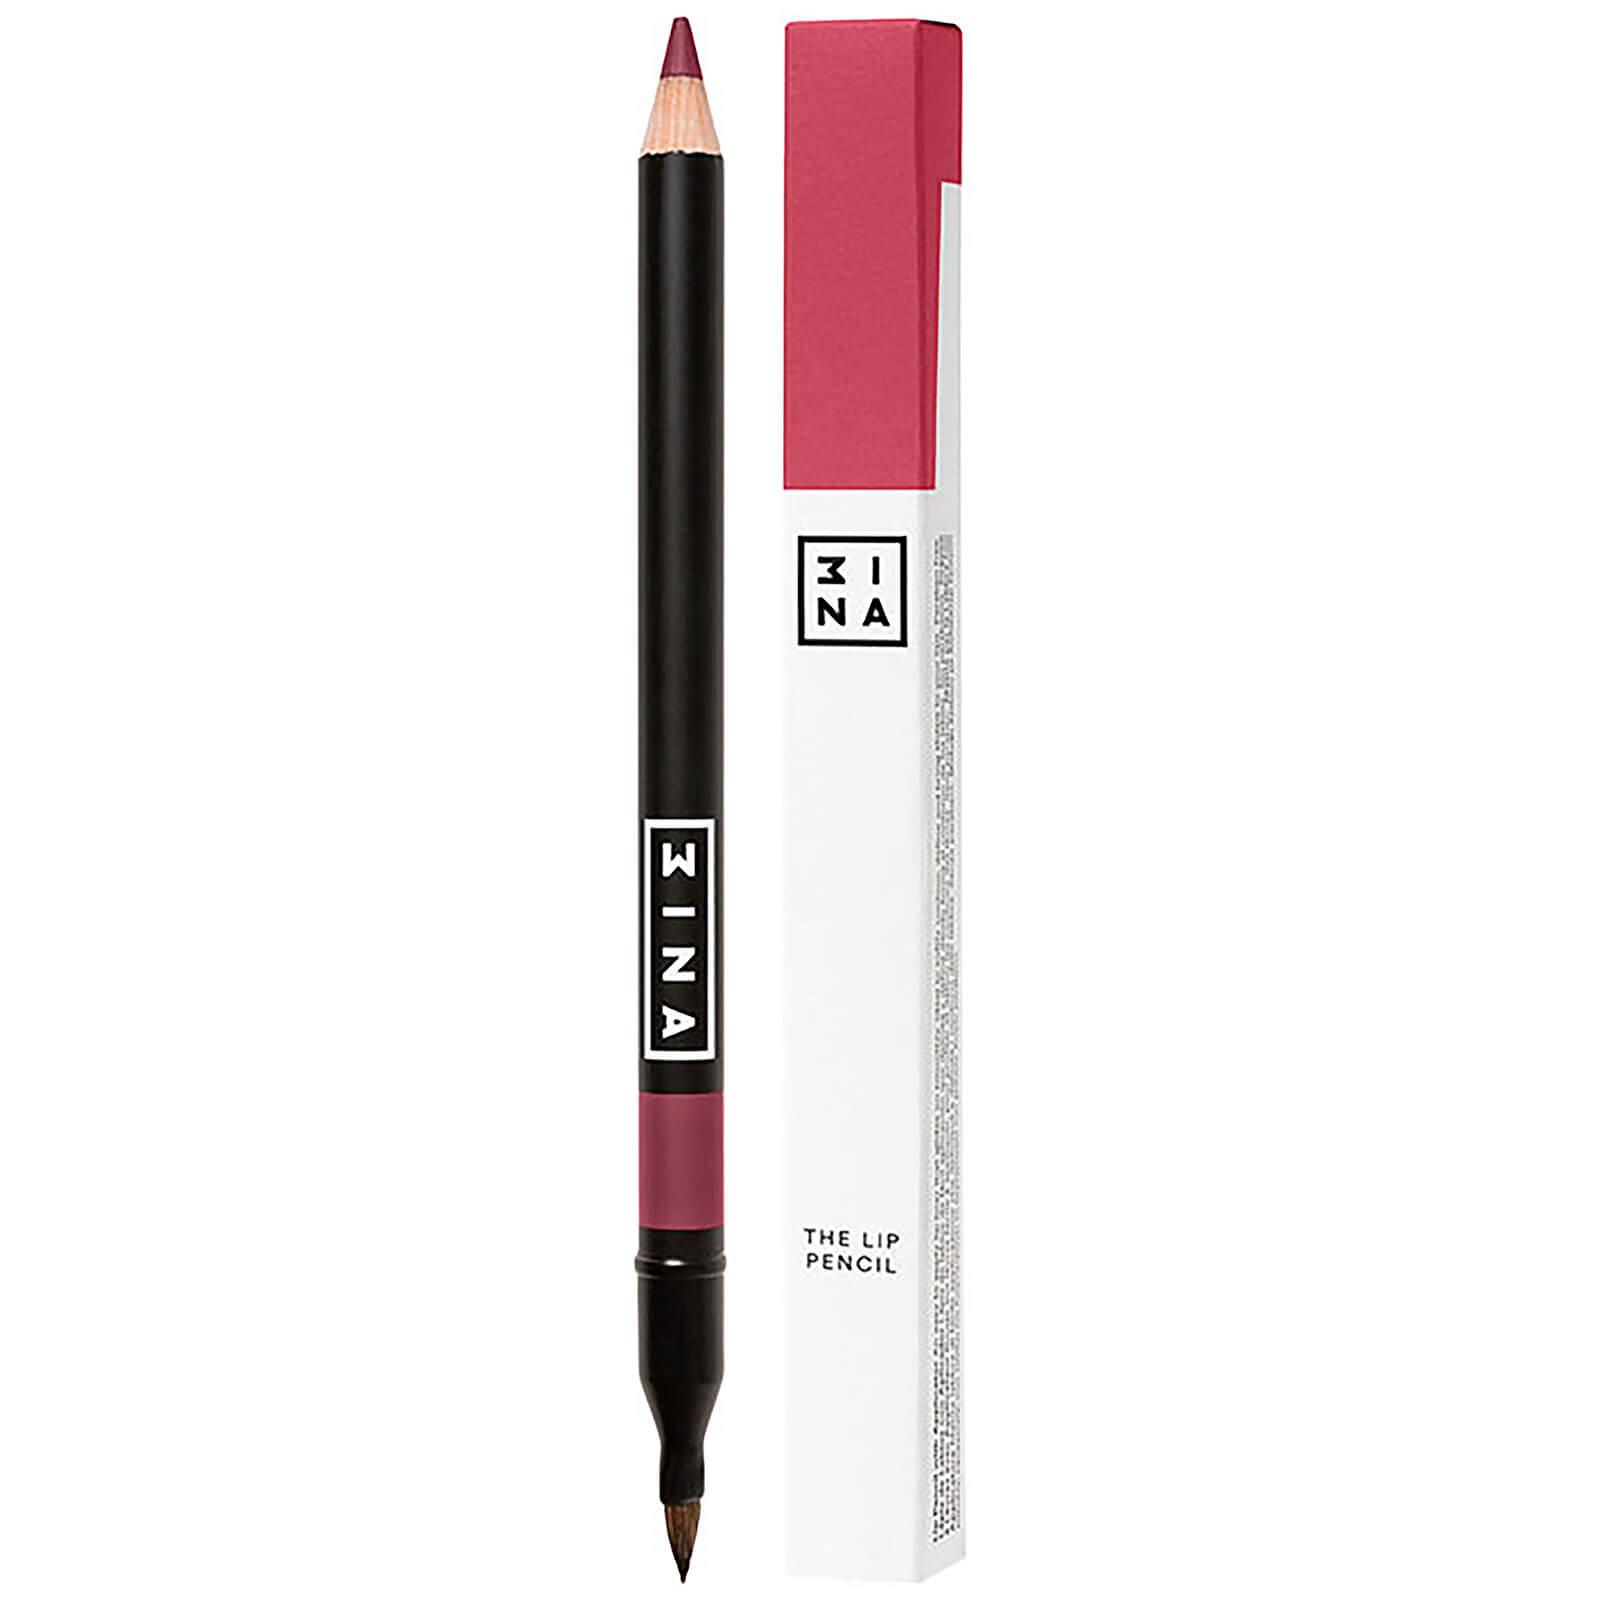 3INA Makeup Crayon à Lèvres avec Applicateur 3INA (plusieurs teintes disponibles) - 504